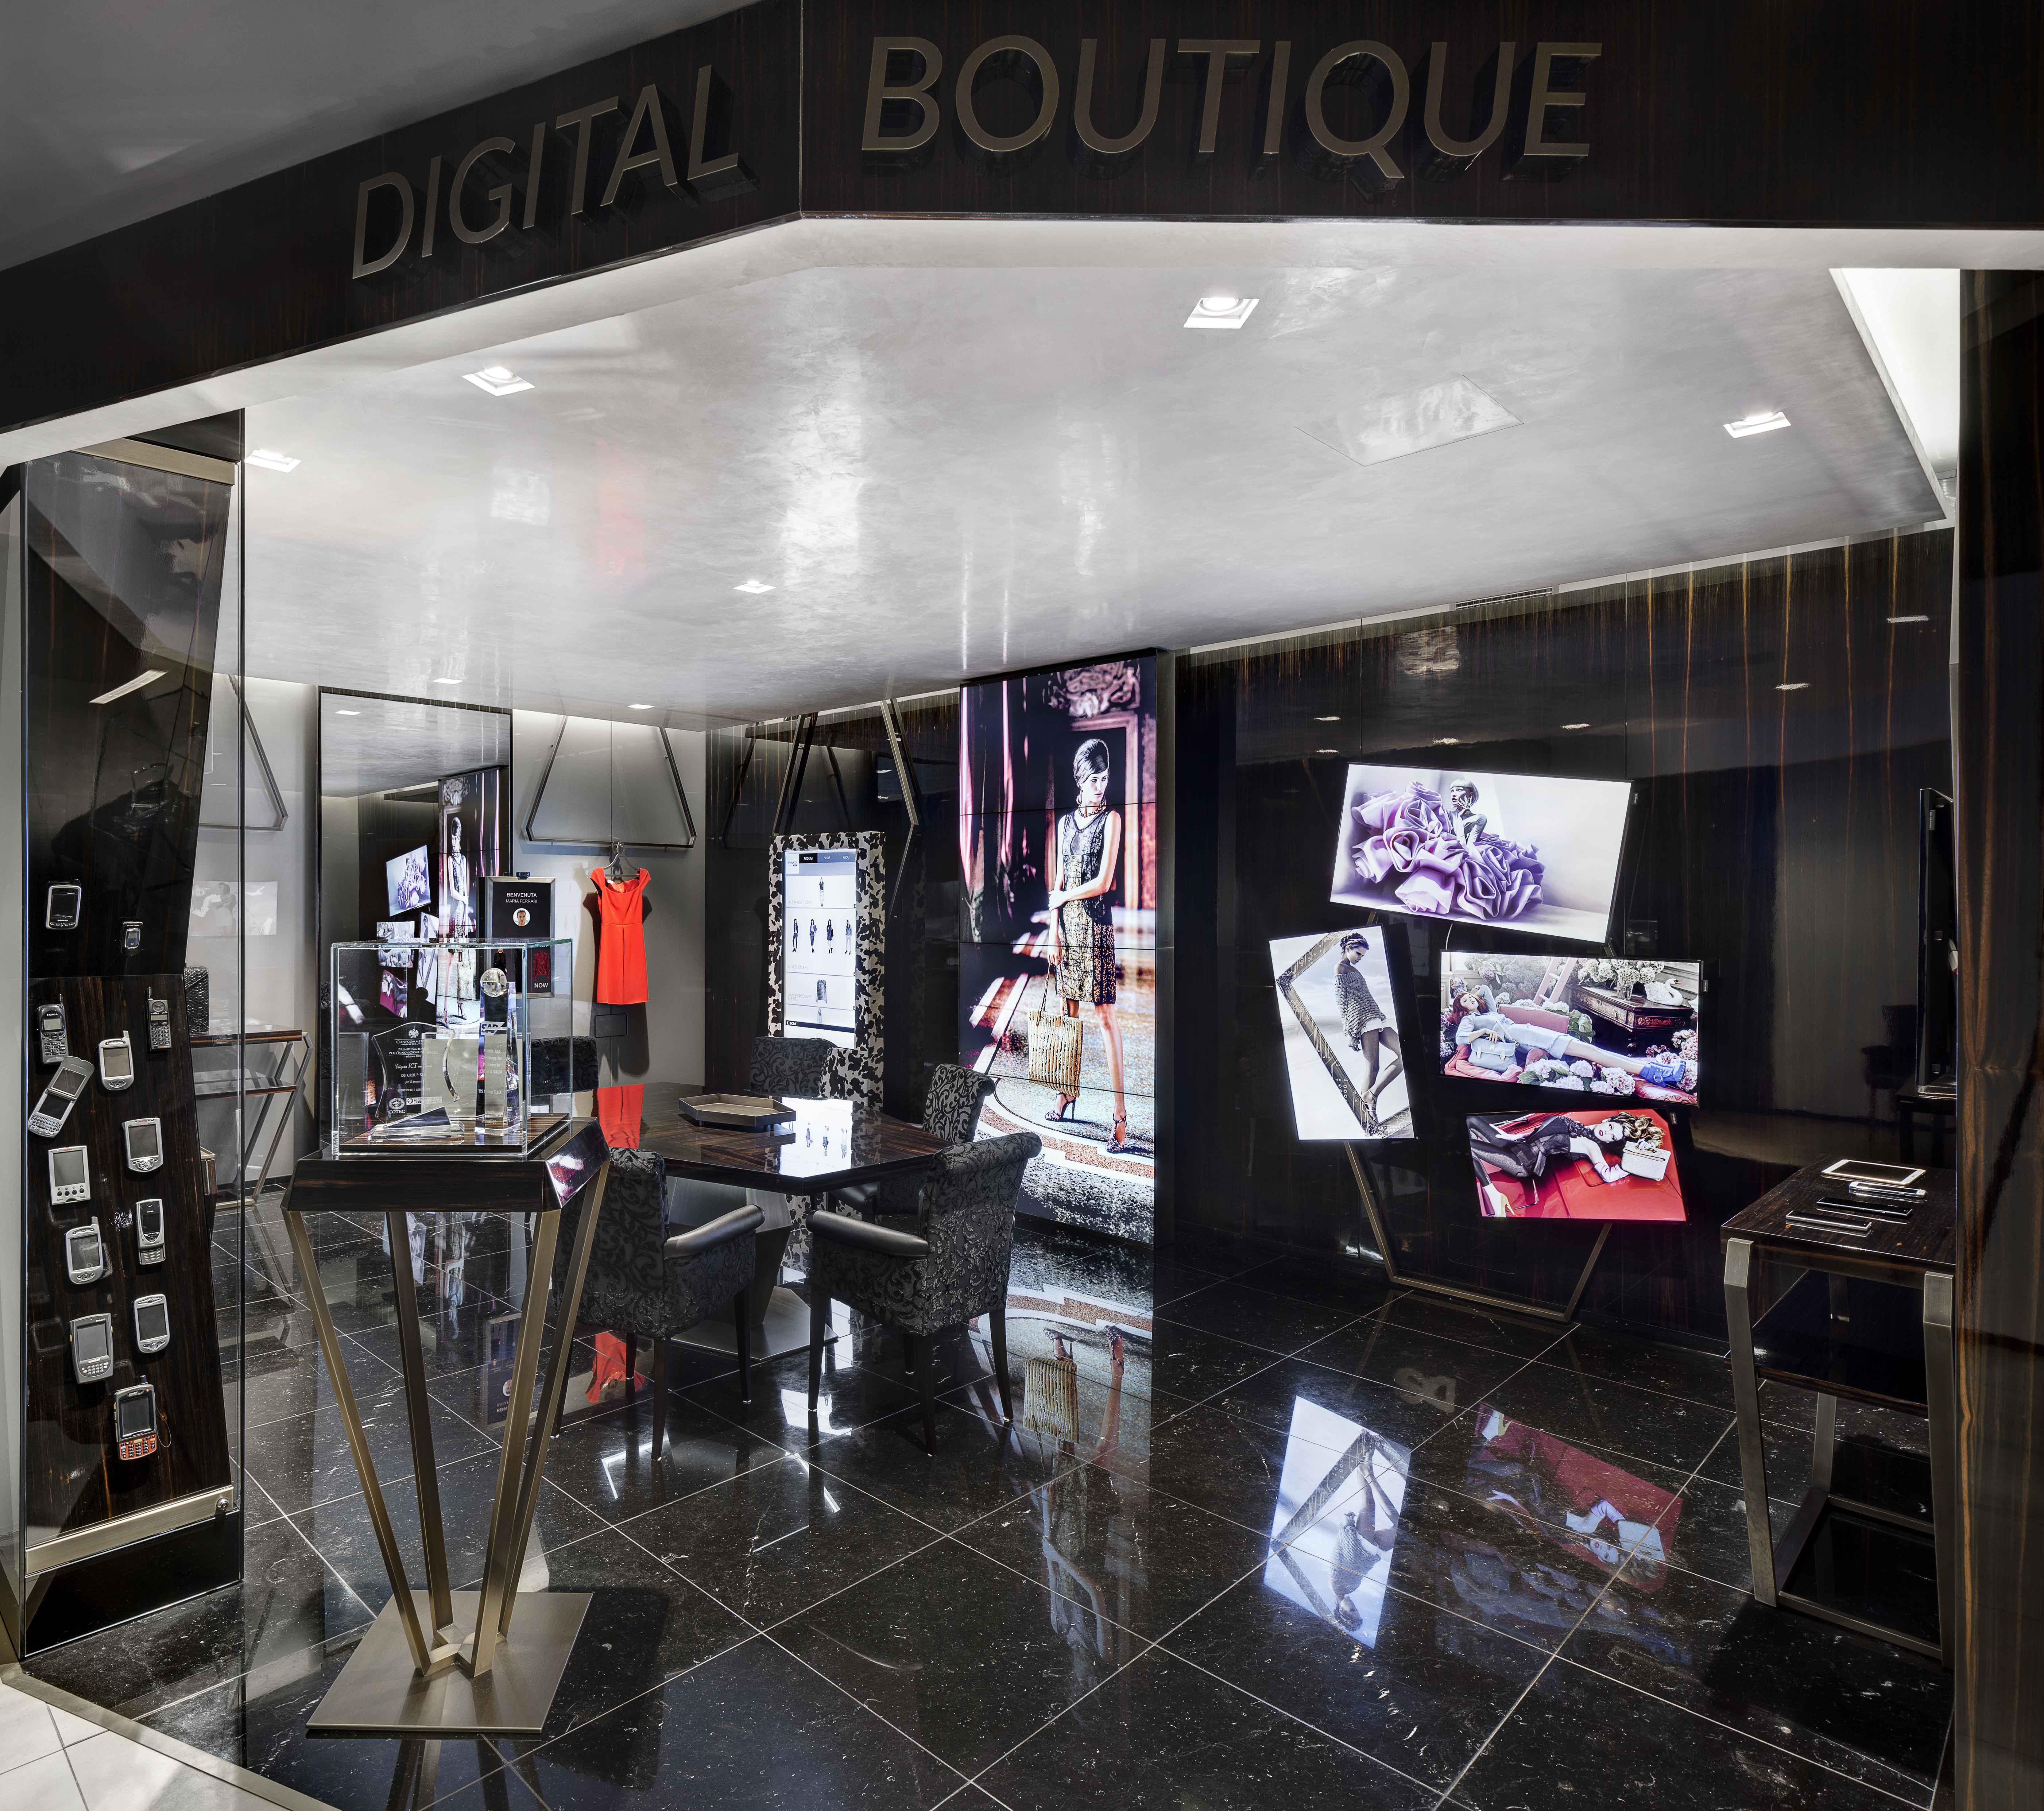 DS Group Digital Boutique